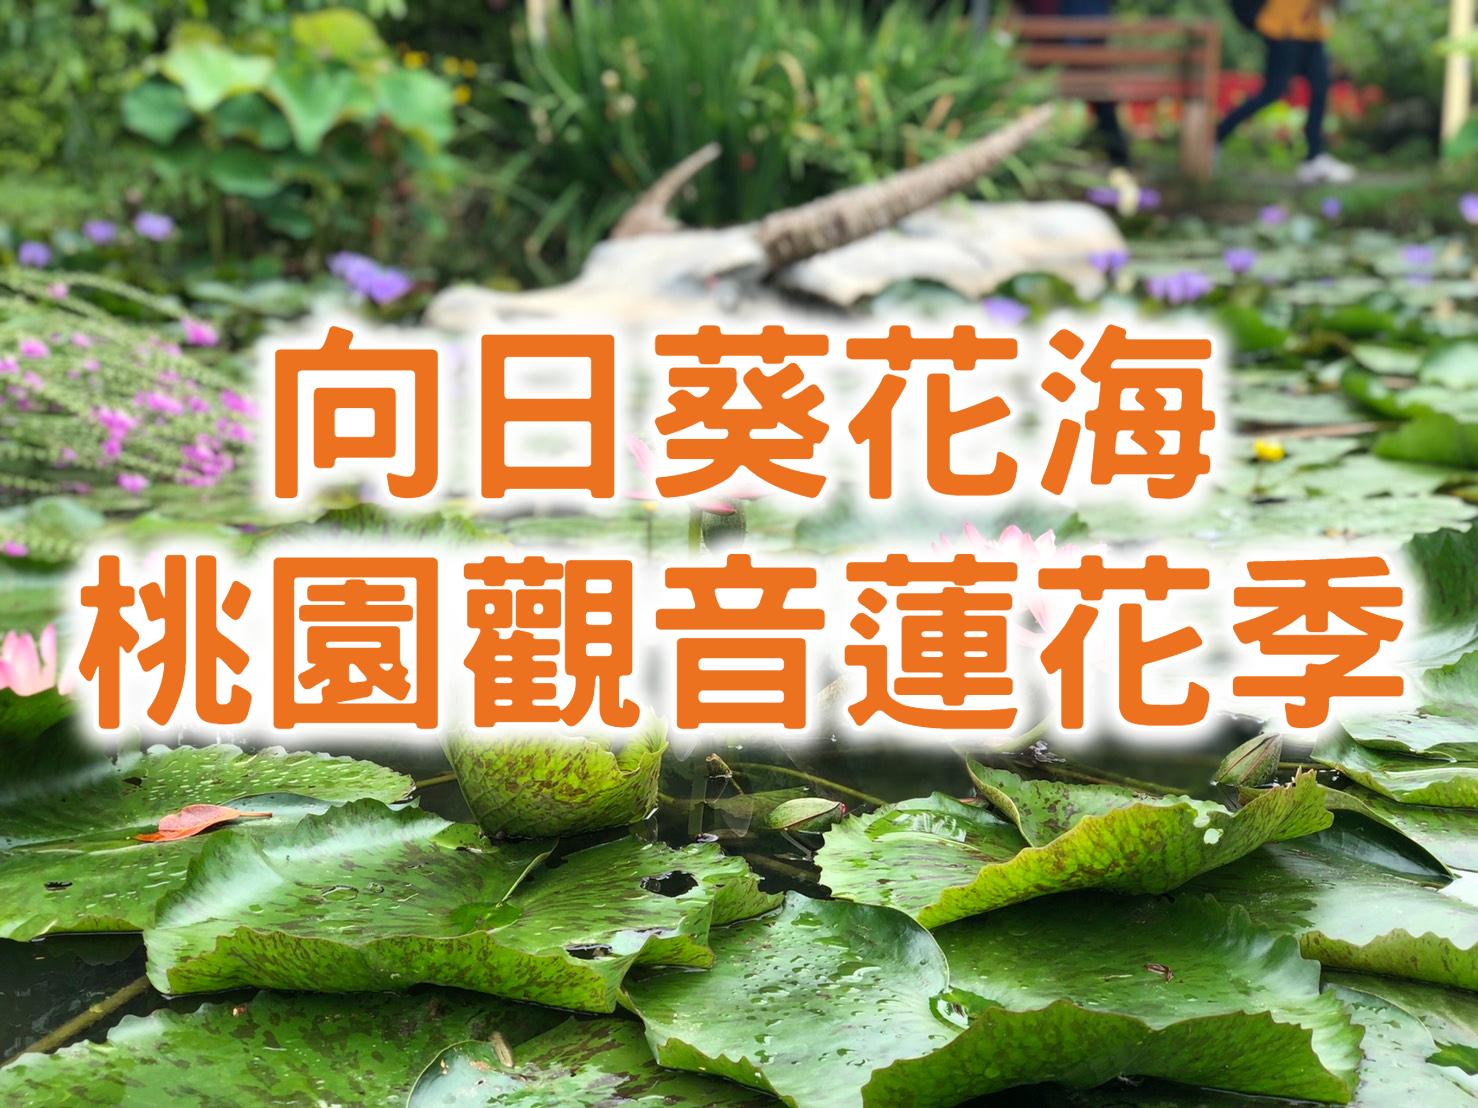 🌻【2021桃園蓮花季】夏季限定向日葵&蓮花 桃園觀音一日遊(TYU03)